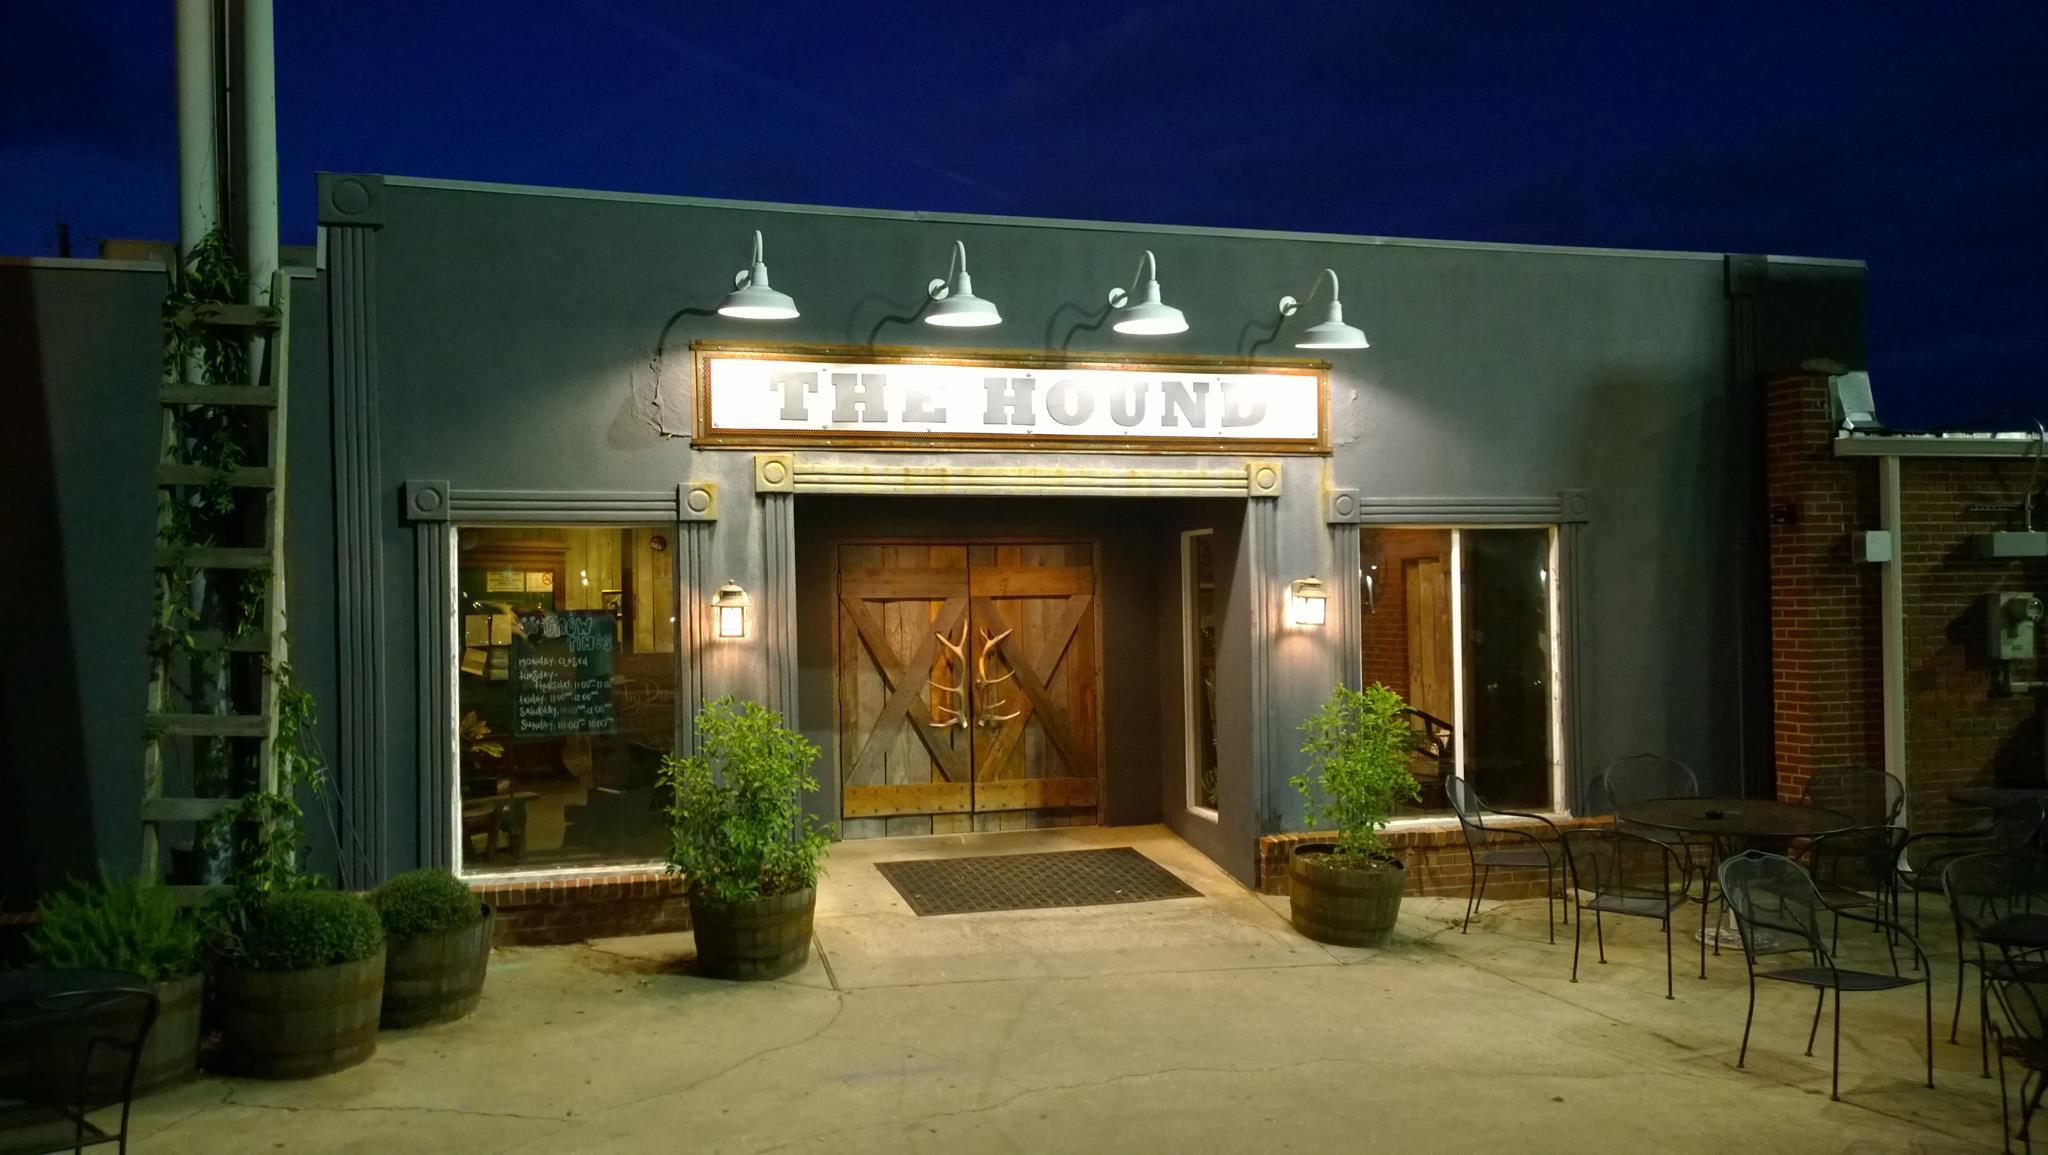 Restaurants In Albuquerque Open Late